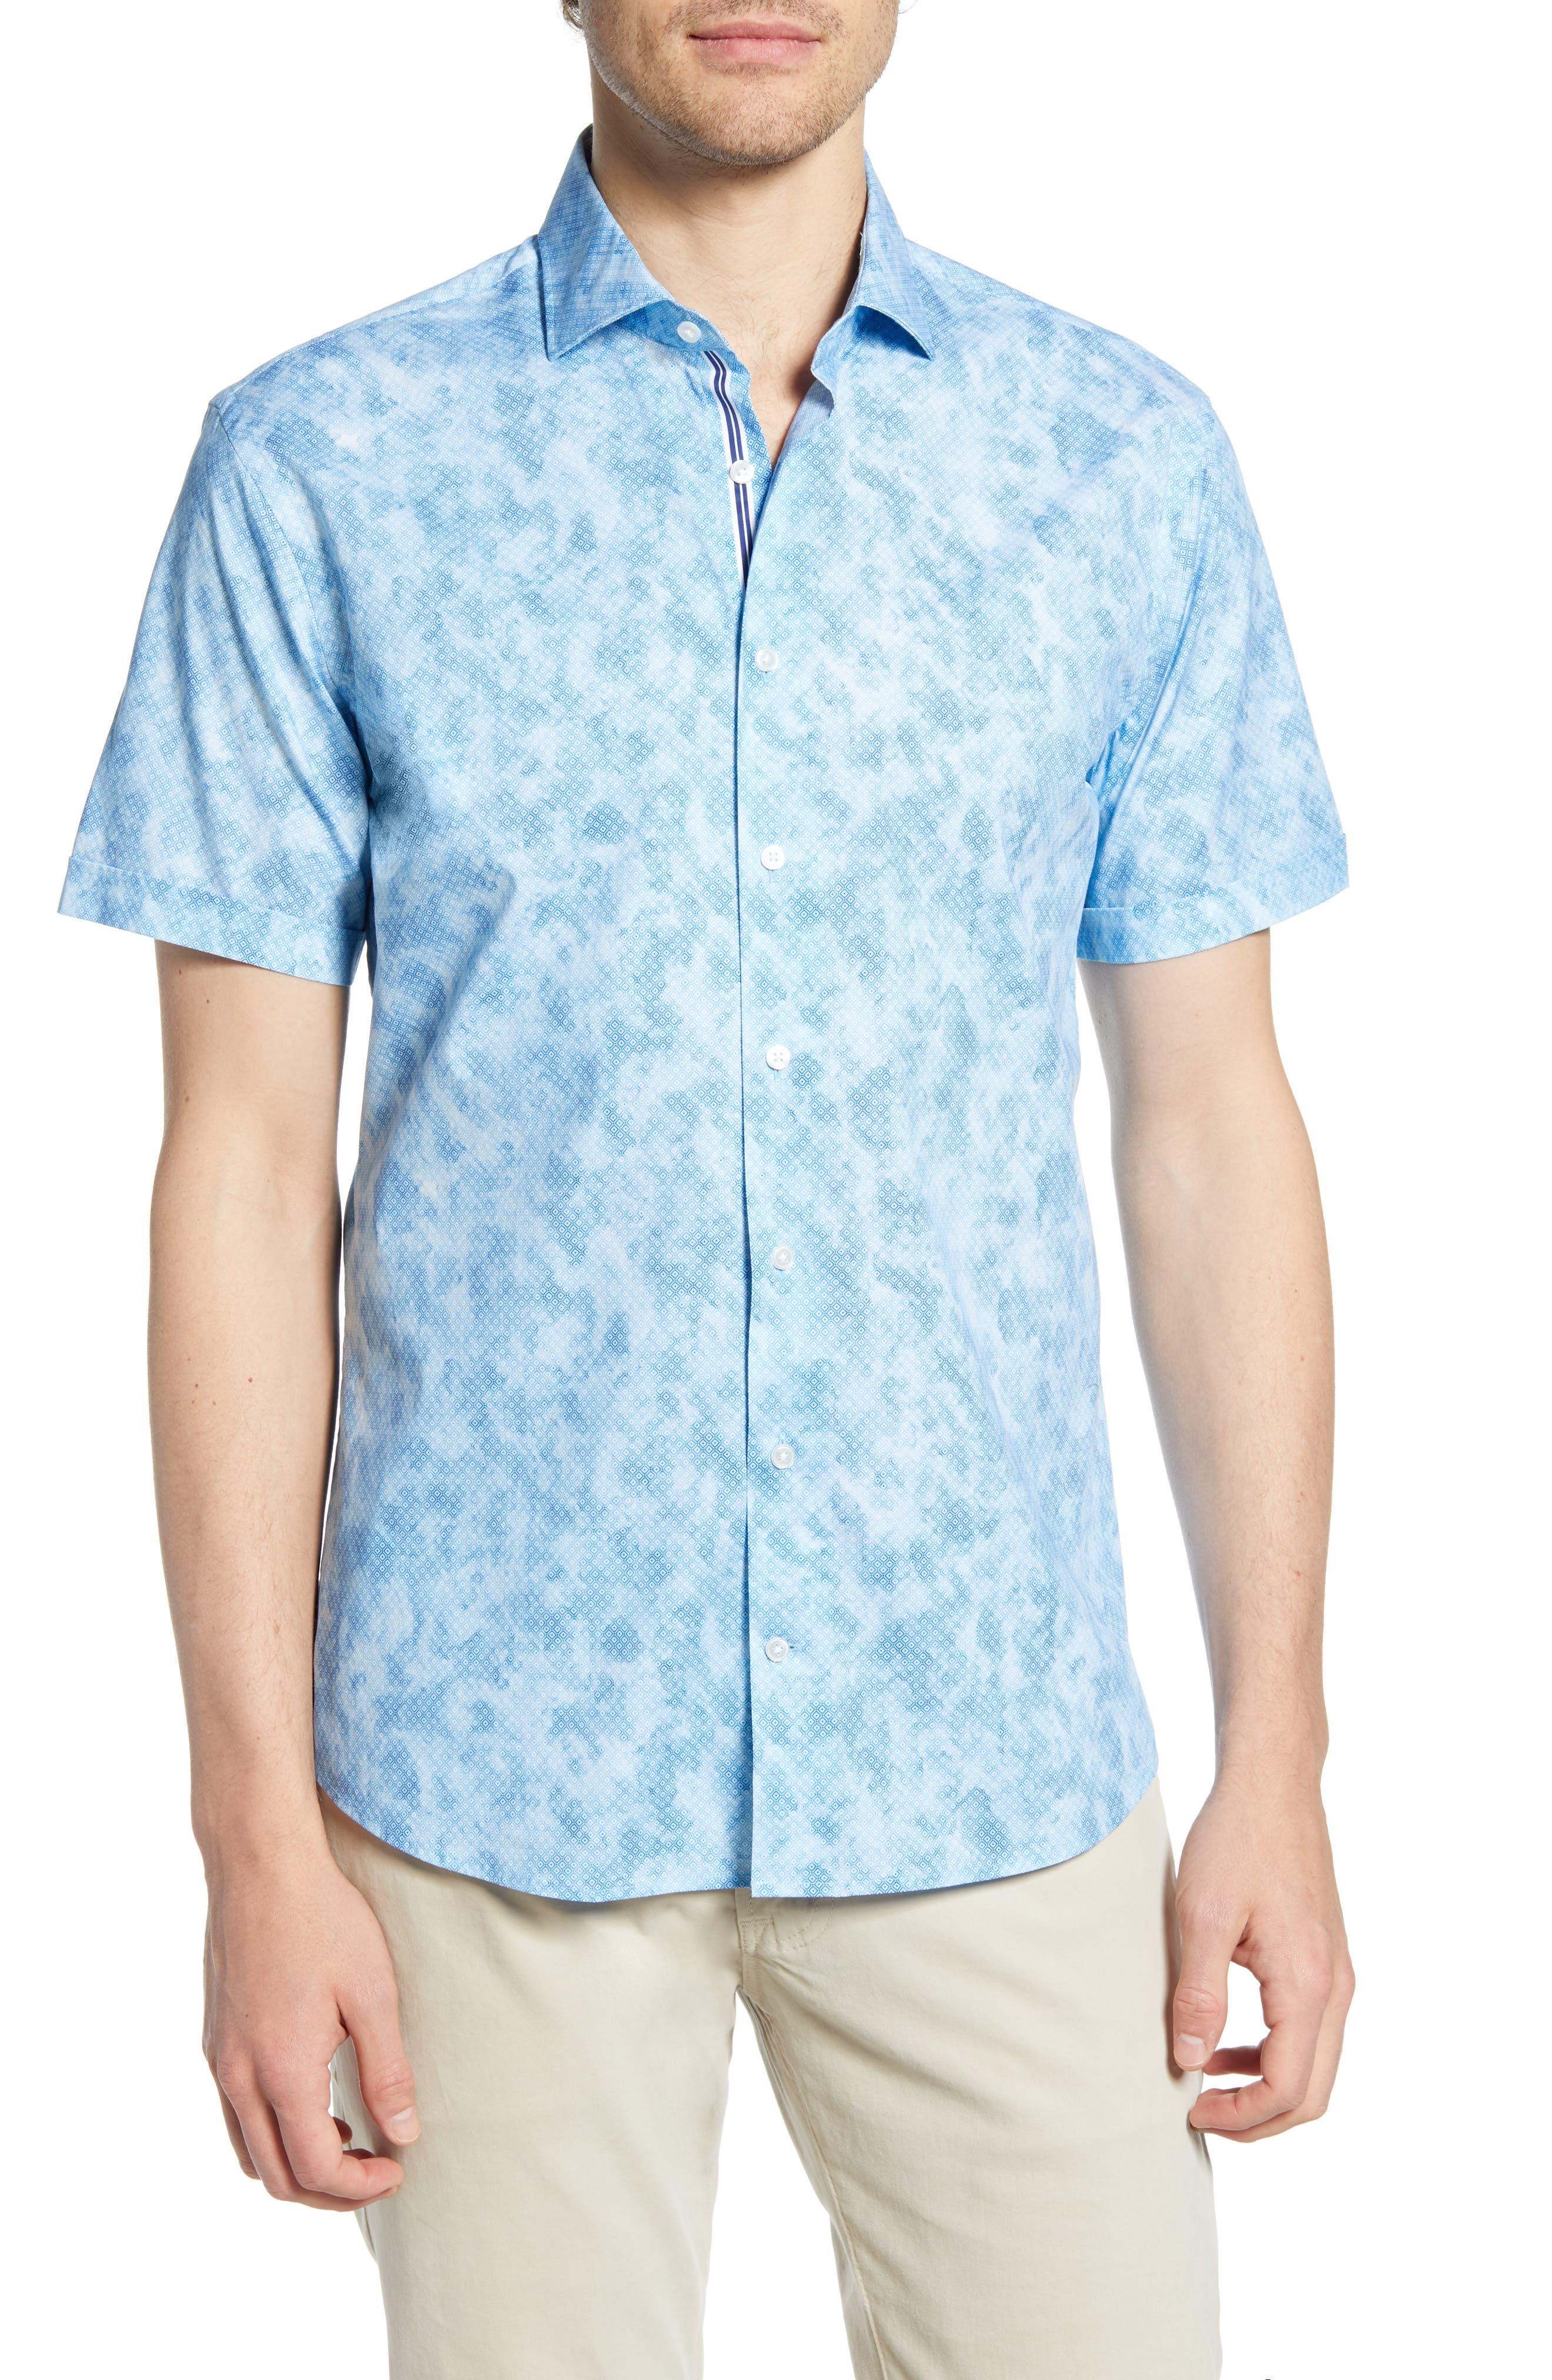 Kelly Hi-Flex Modern Fit Short Sleeve Button-Up Shirt